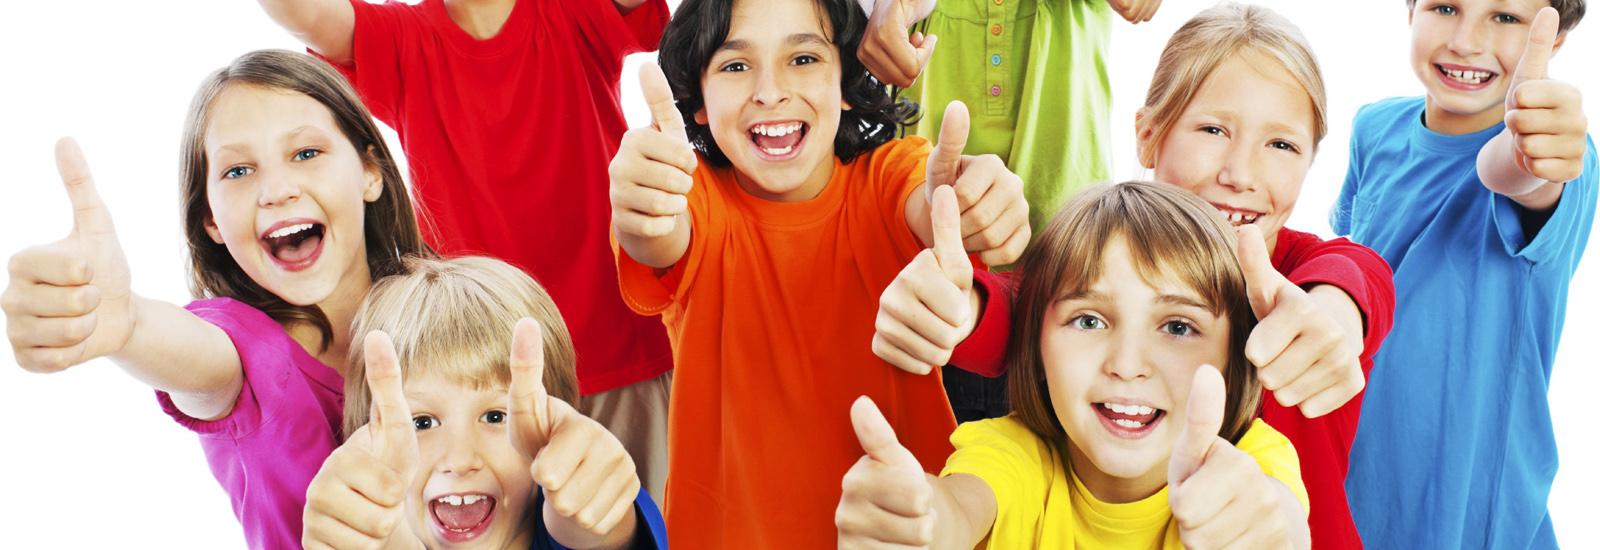 Szkółki dla dzieci, treningi dla kobiet i mężczyzn, indywidualny cykl szkolenia.